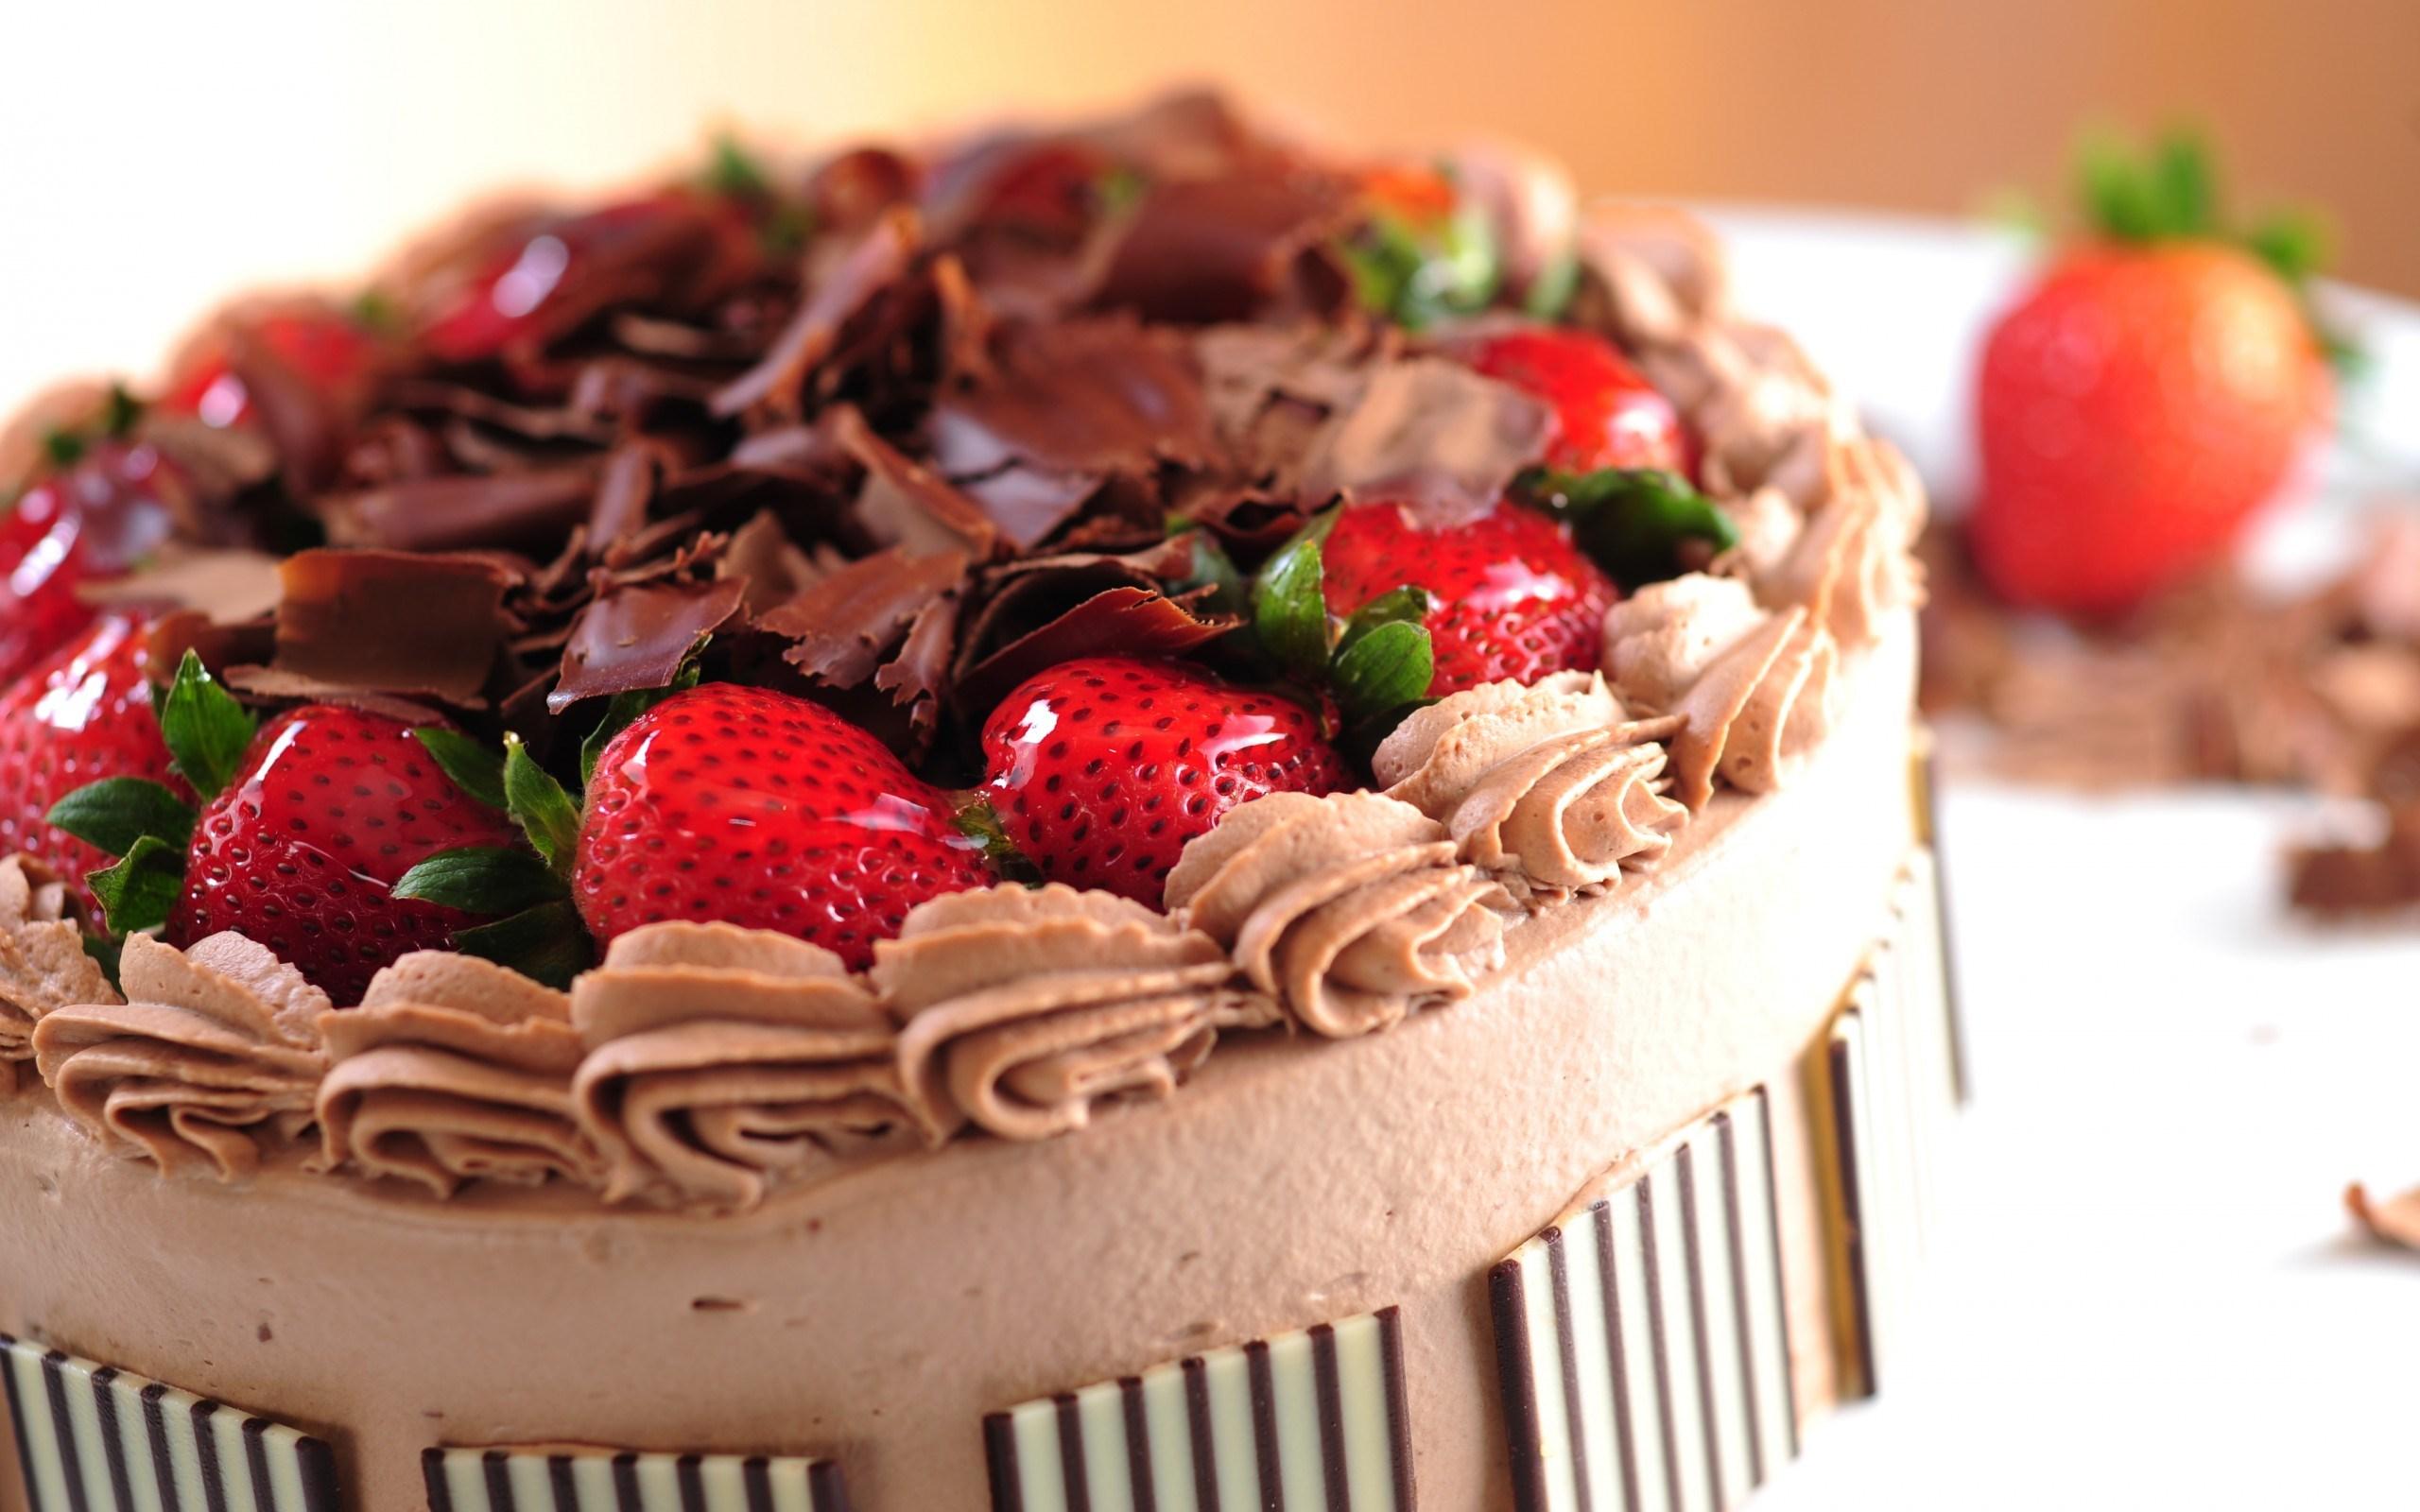 Food Dessert Cake Strawberries Berries Sweet